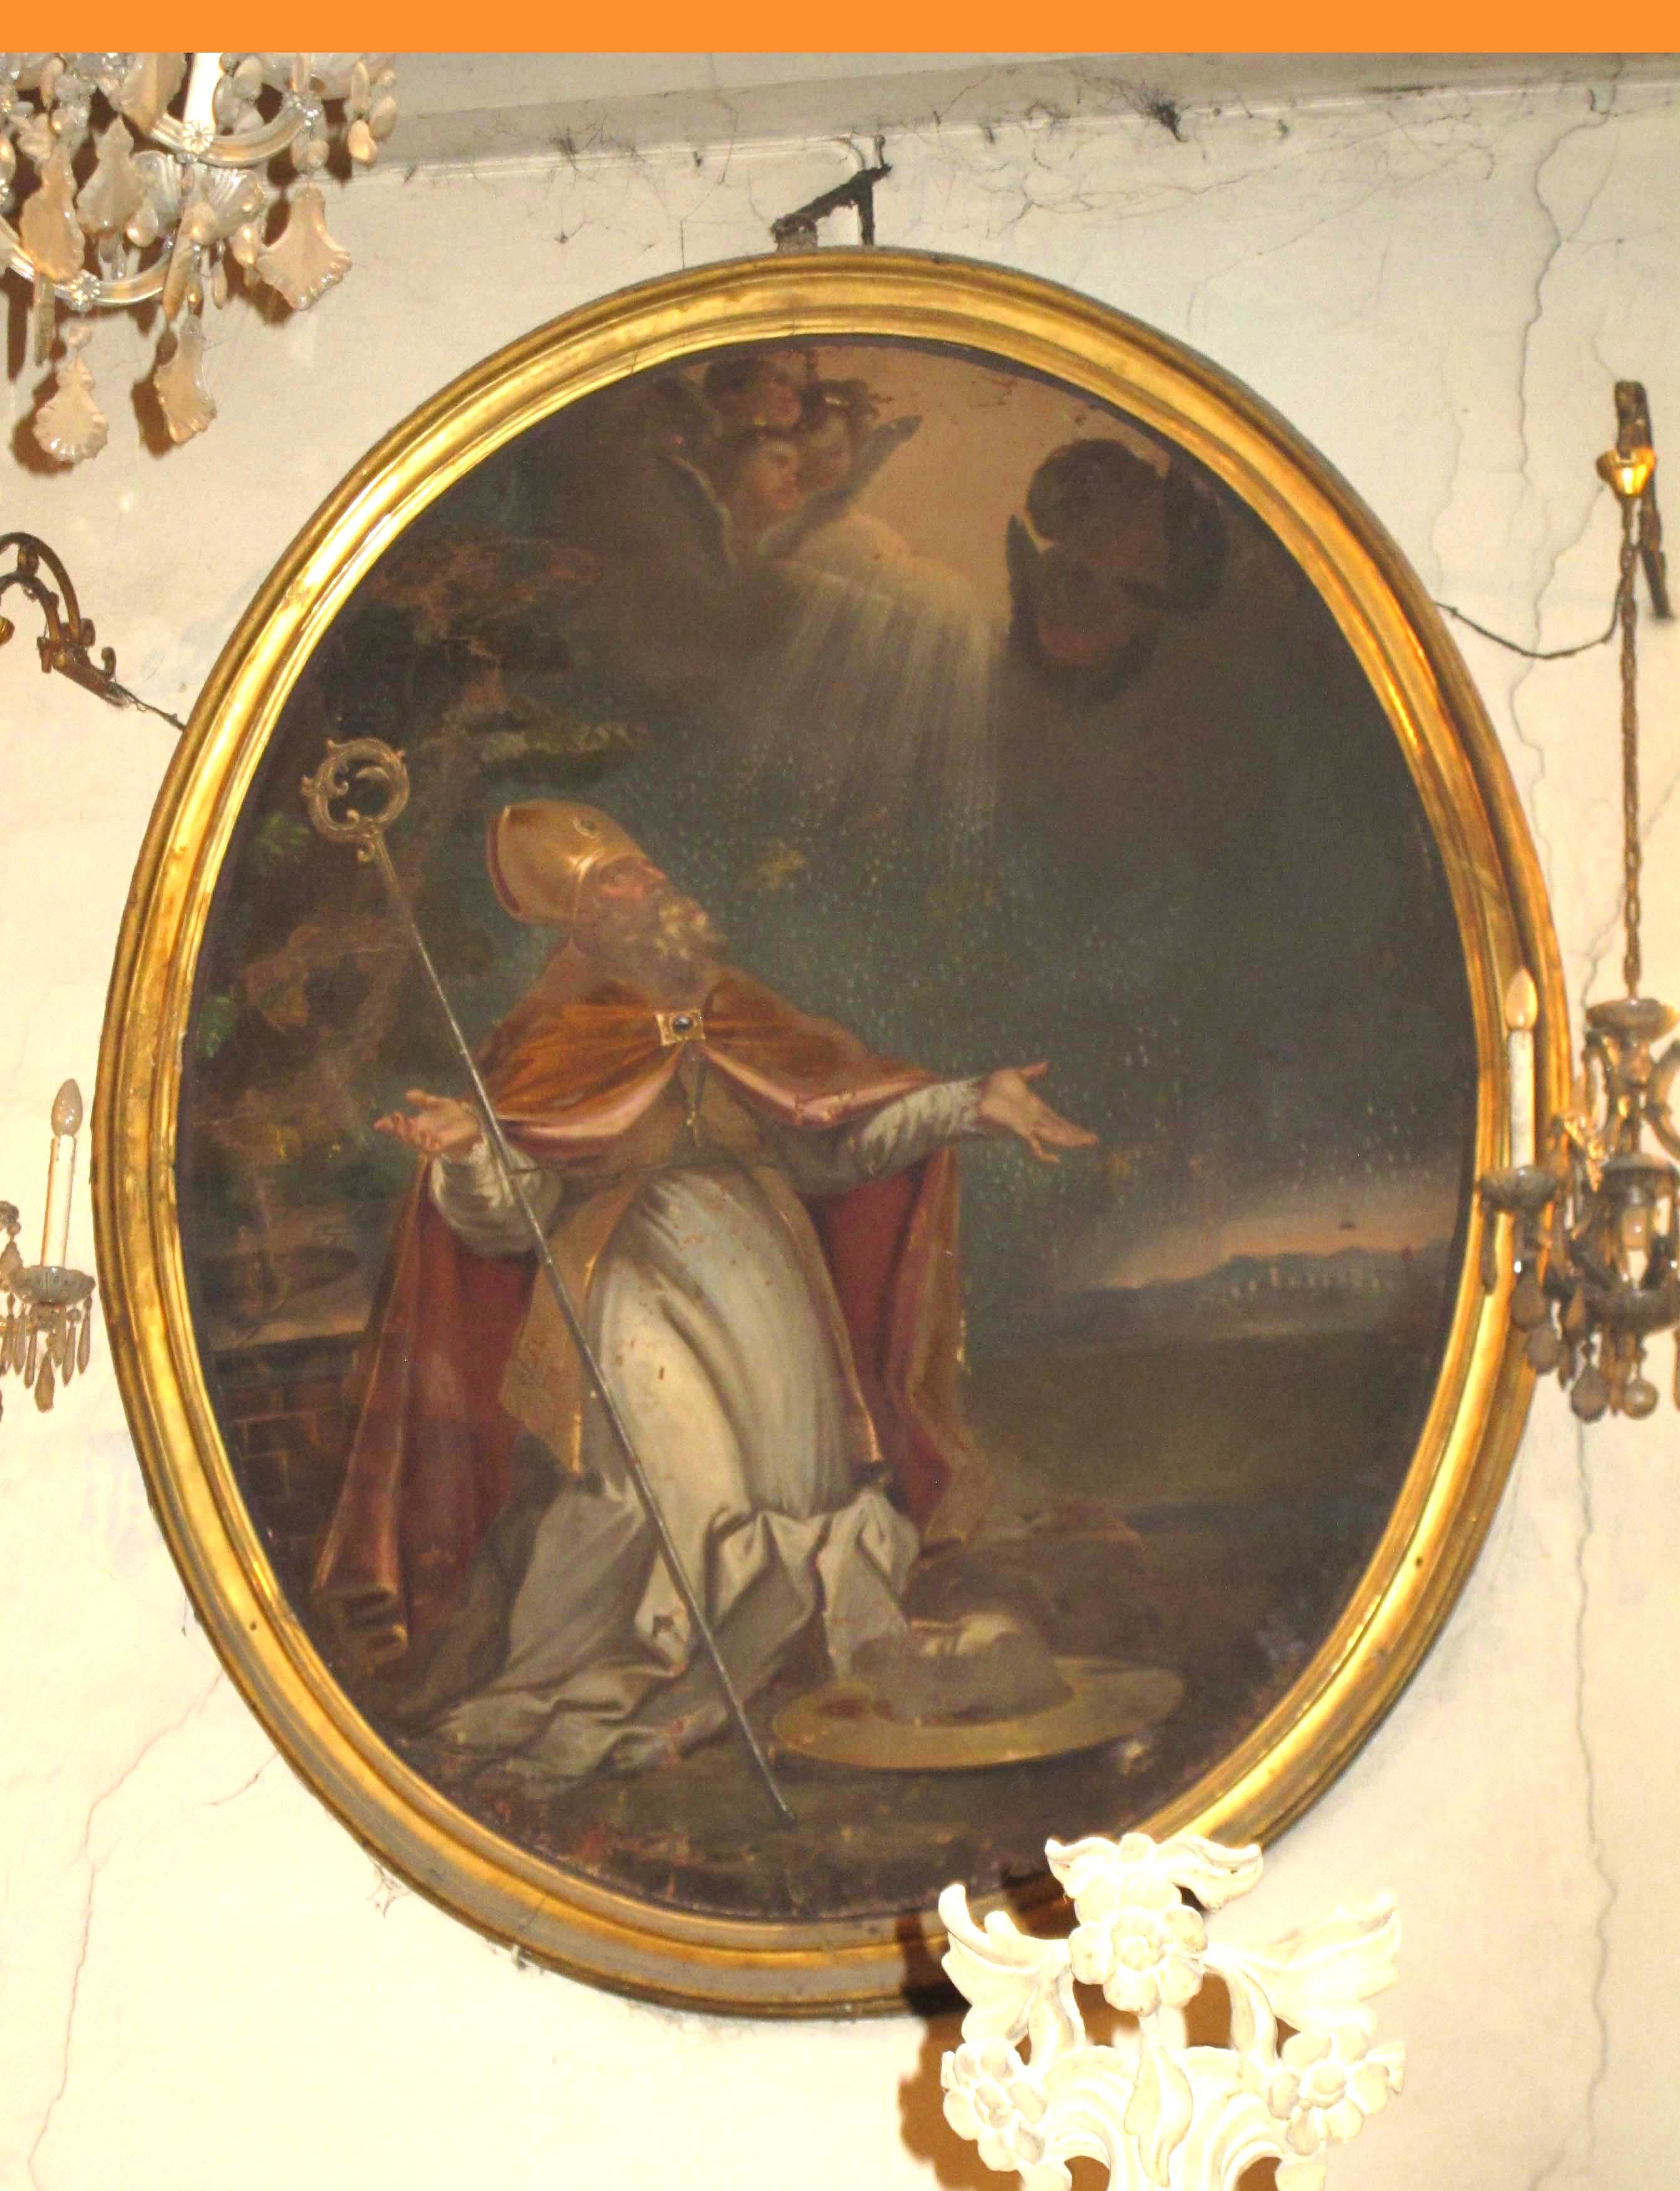 IGNOTO AUTORE PIEMONTESE, San Grato vescovo di Aosta (1772 ca.)